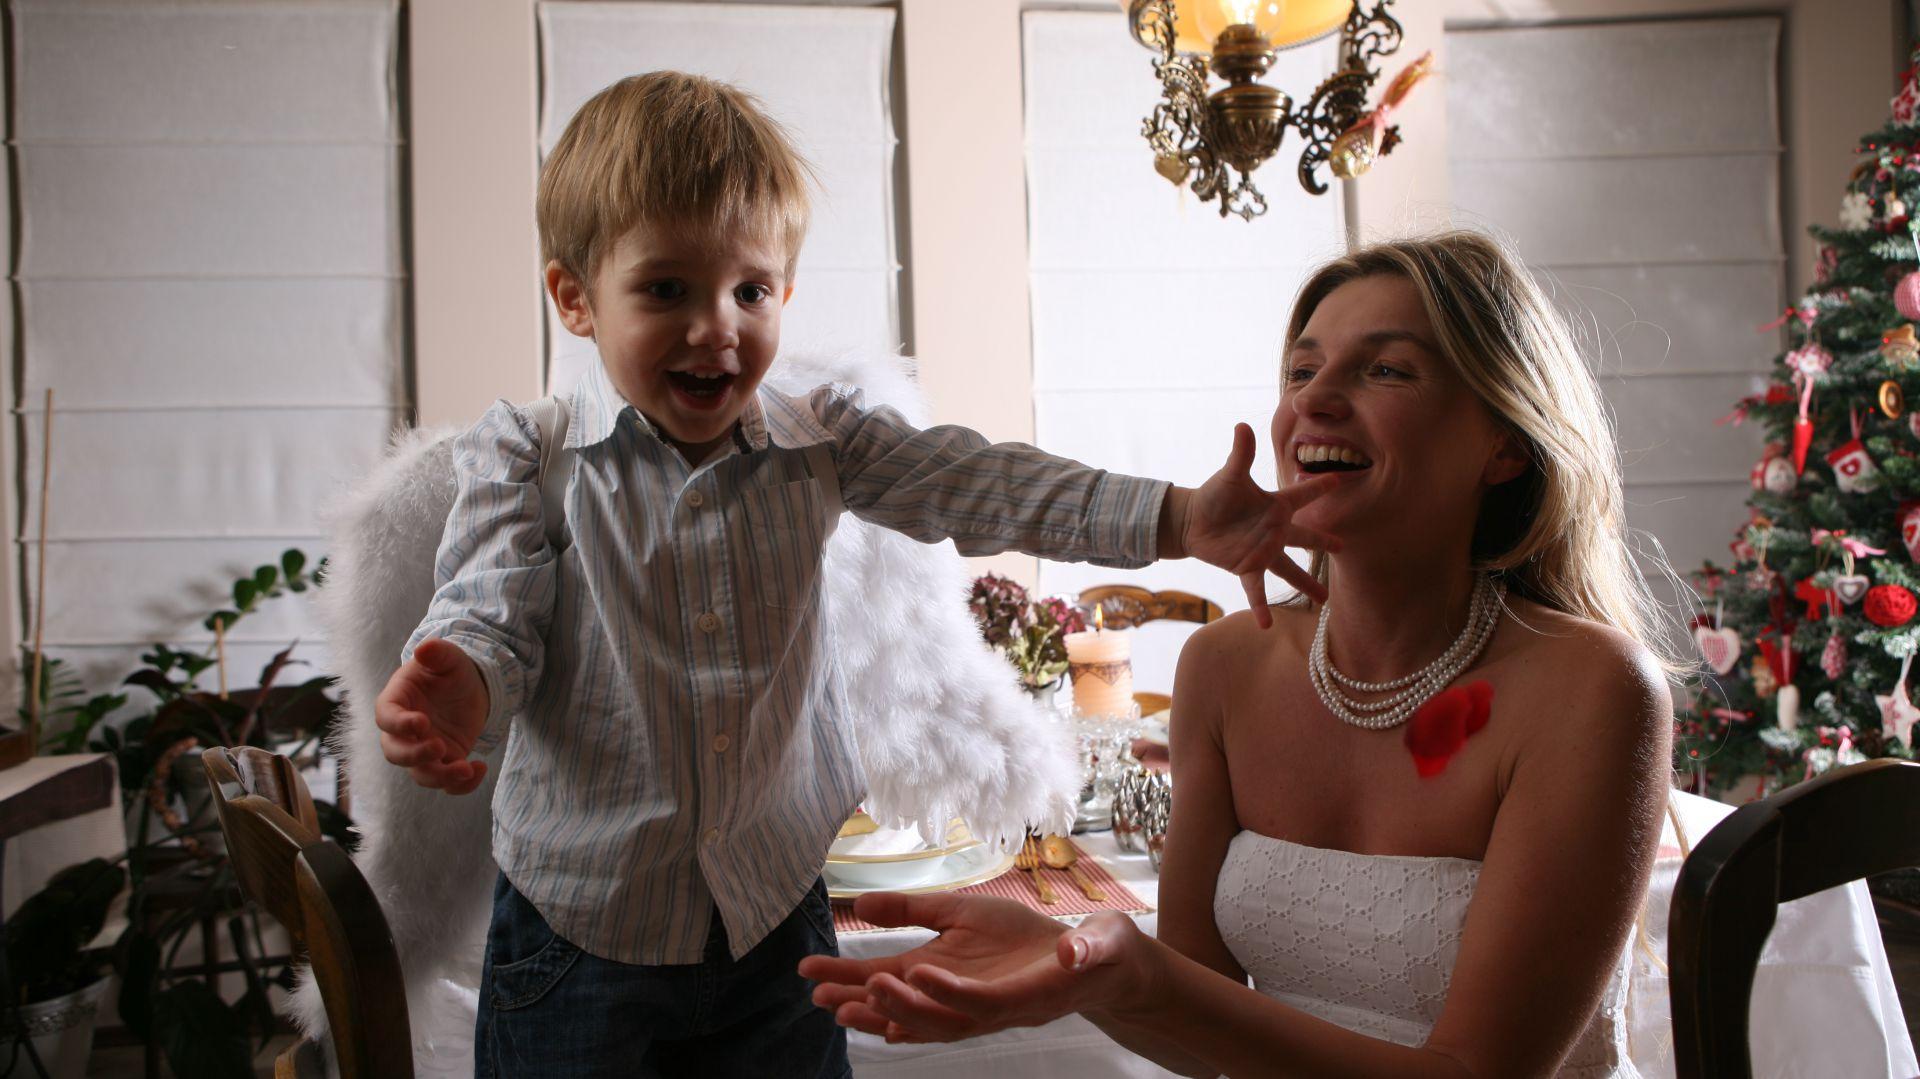 W domu Pani Edyty Święta to czas radości, miłości spędzony w rodzinnym gronie. Fot. Bartosz Jarosz.